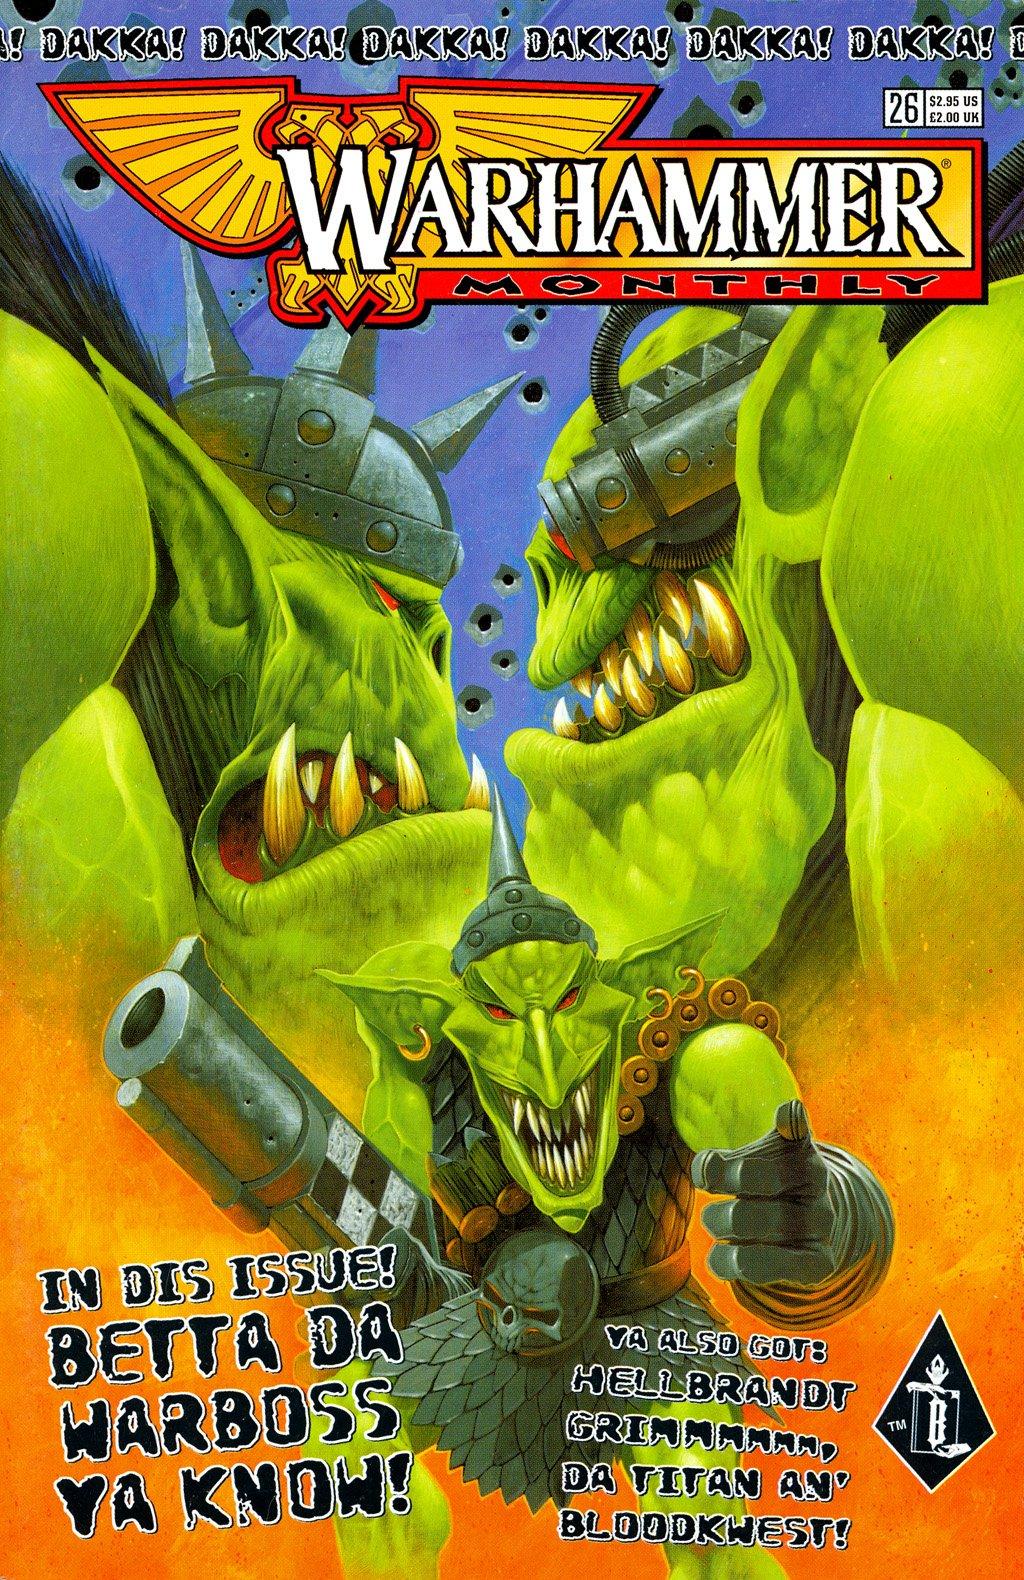 Самые крутые комиксы по Warhammer 40.000. - Изображение 11